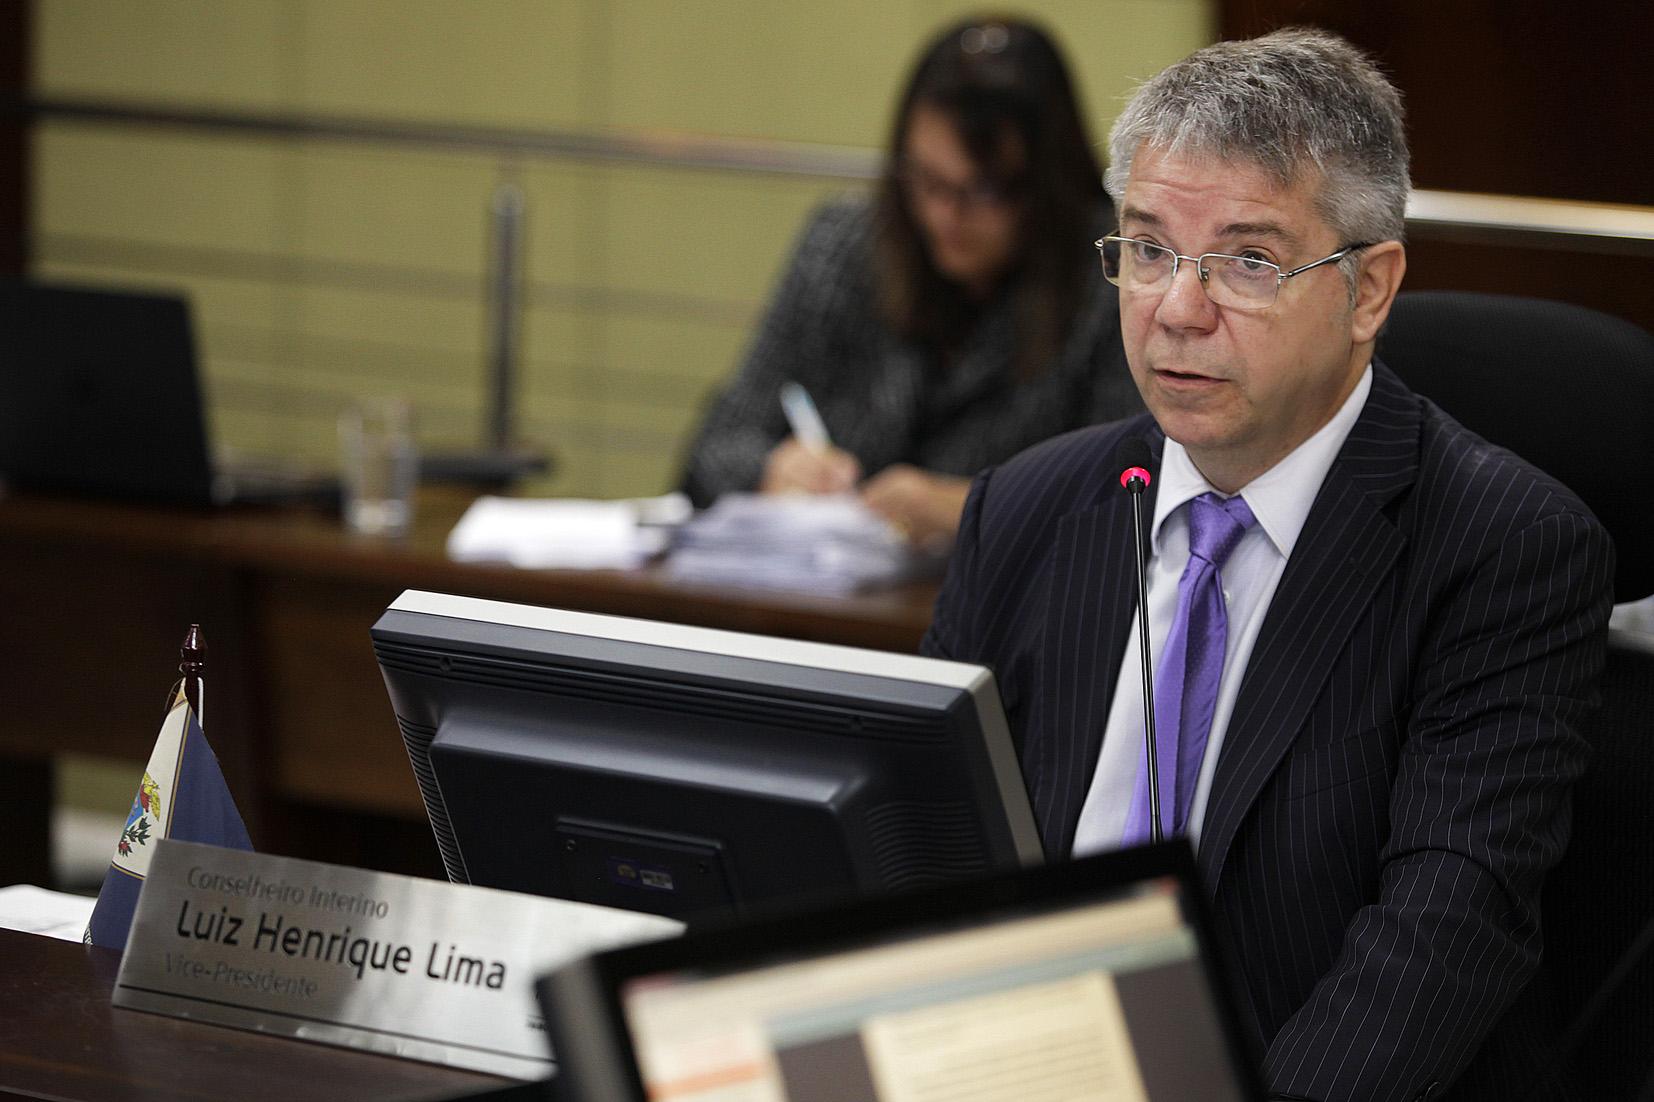 Conselheiro Interino Vice-presidente - Luiz Henrique Lima - 03 (2).jpg